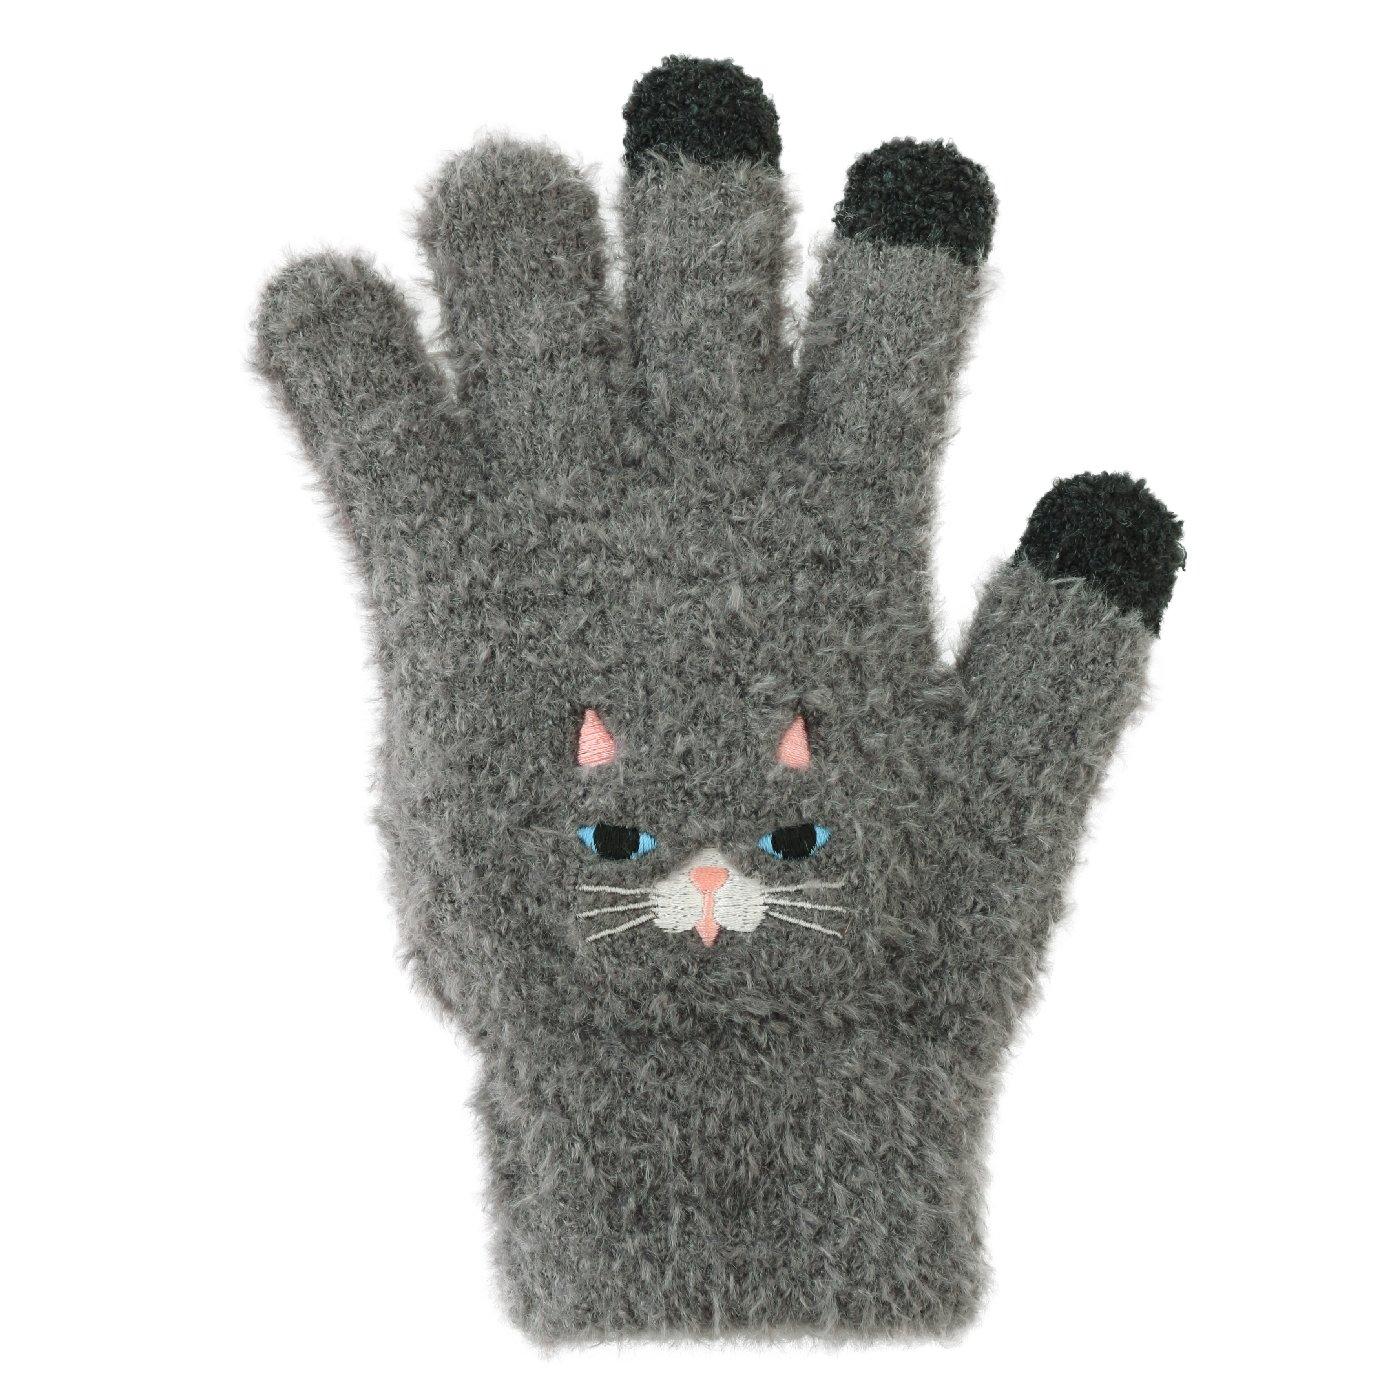 ゆるくてかわいいアニマルの スマホ対応もこもこ手袋